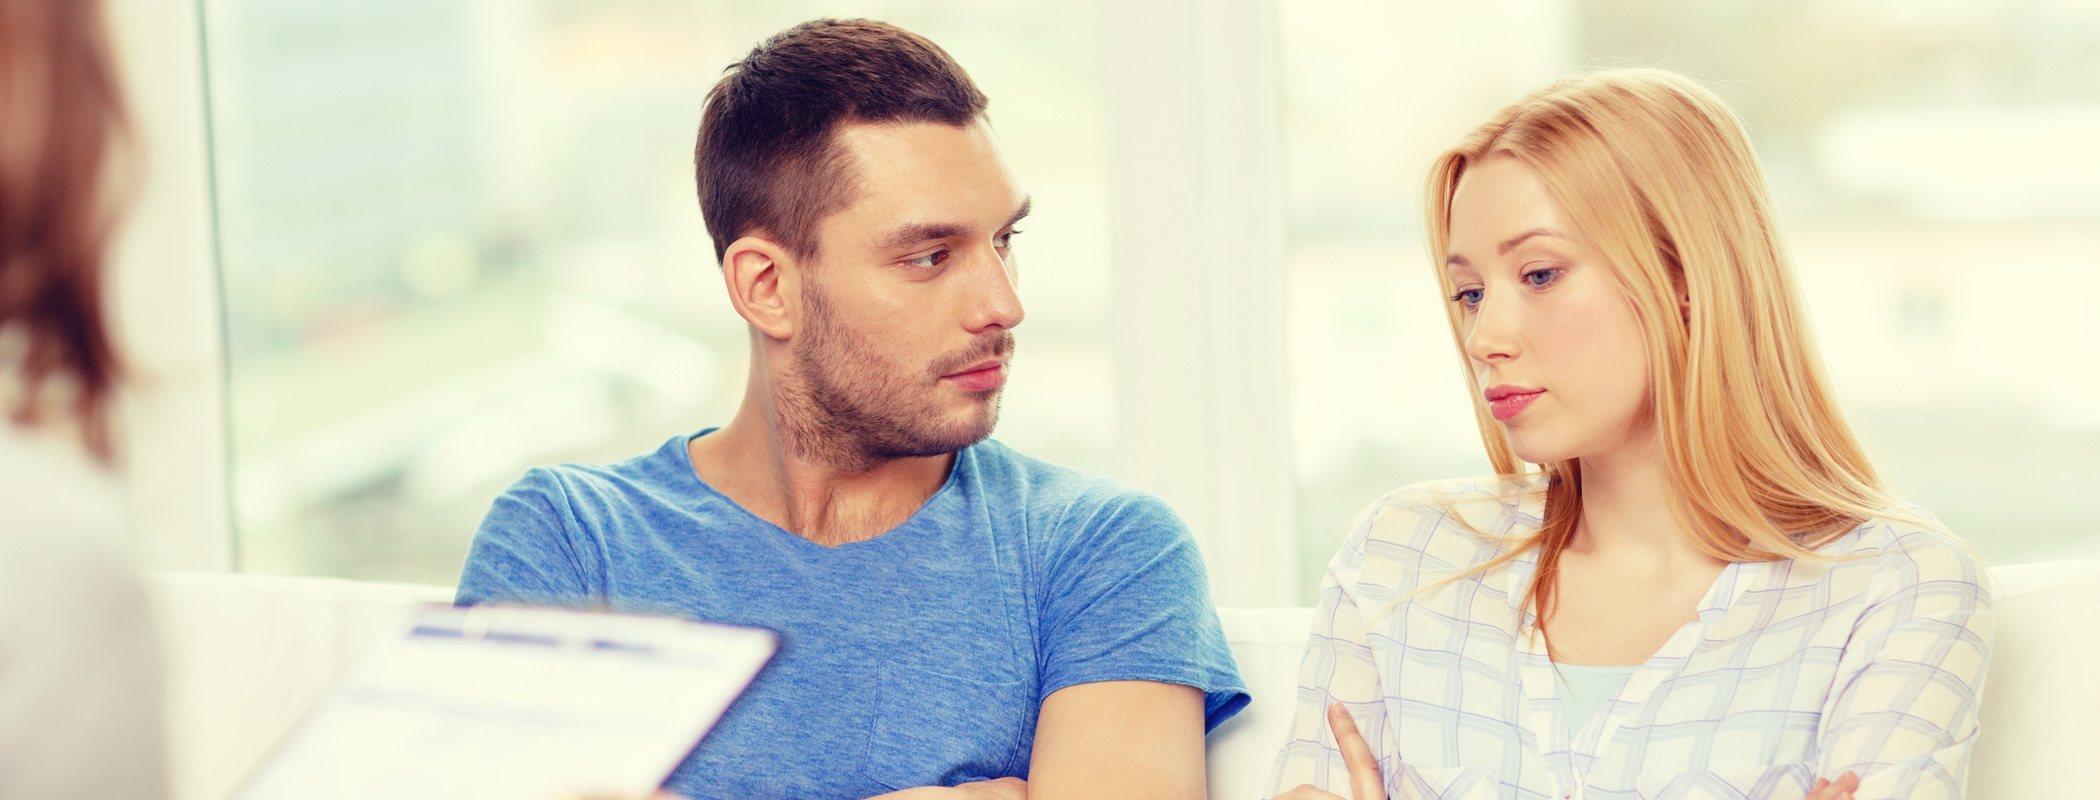 Todo lo que debes saber sobre la terapia de pareja